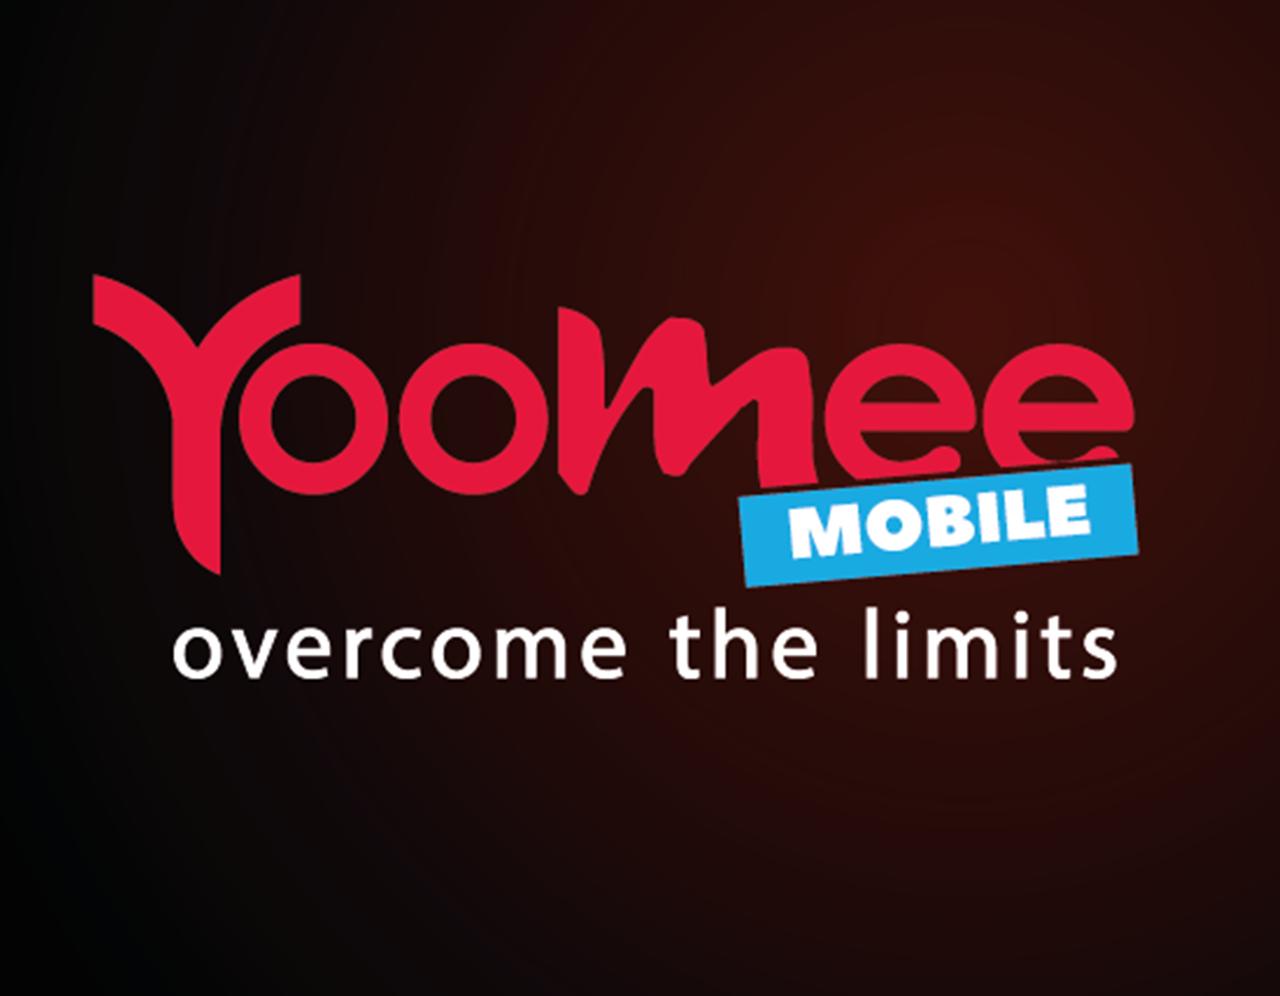 Yoomee 4G Internet Cameroon free